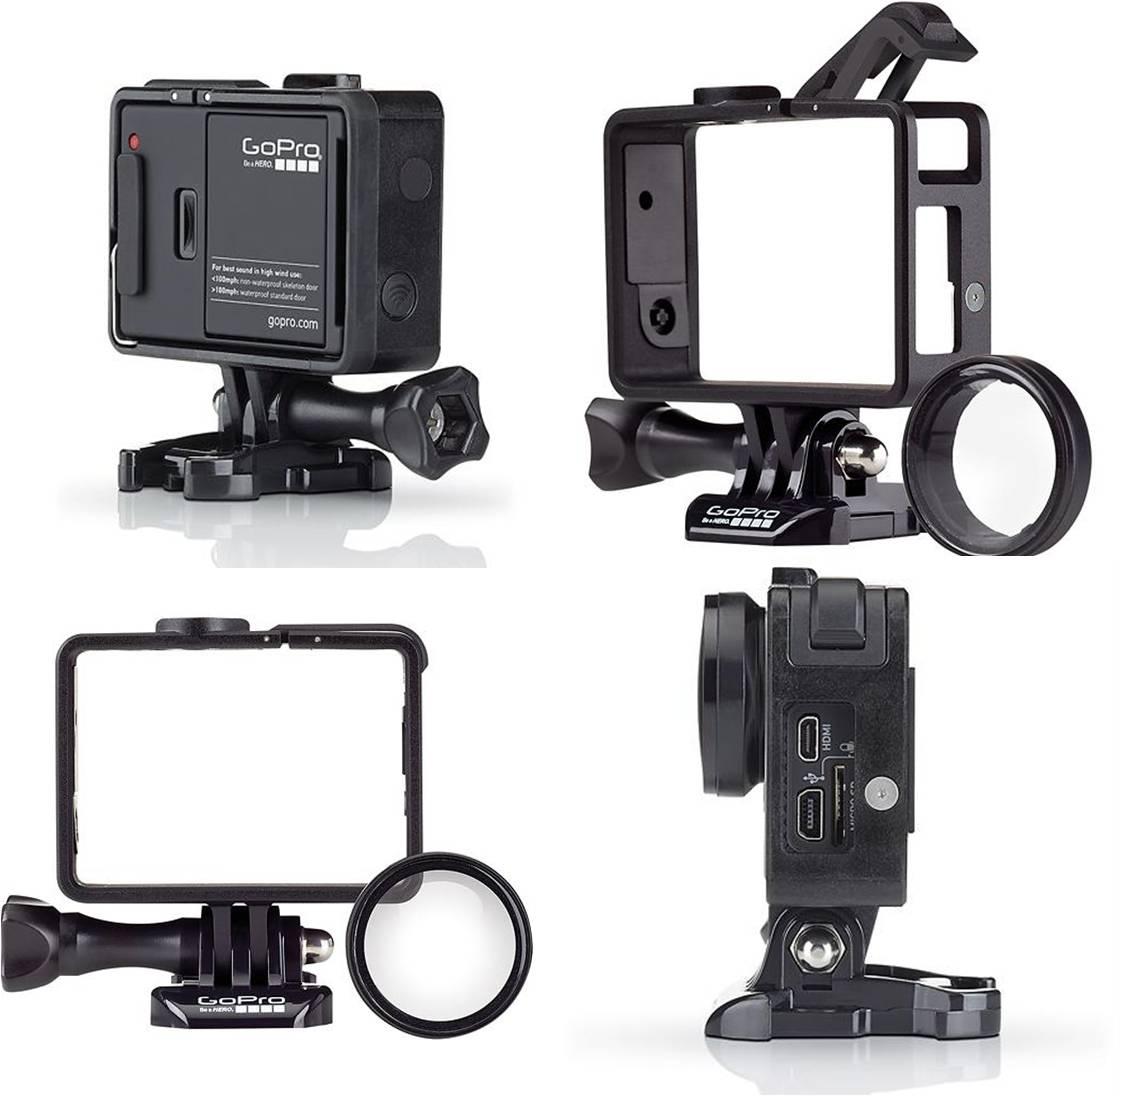 Купить улучшенное самое маленькое и лёгкое крепление для камеры GoPro HERO 4 / HERO3+ / HERO3 Цена, обзор, отзывы